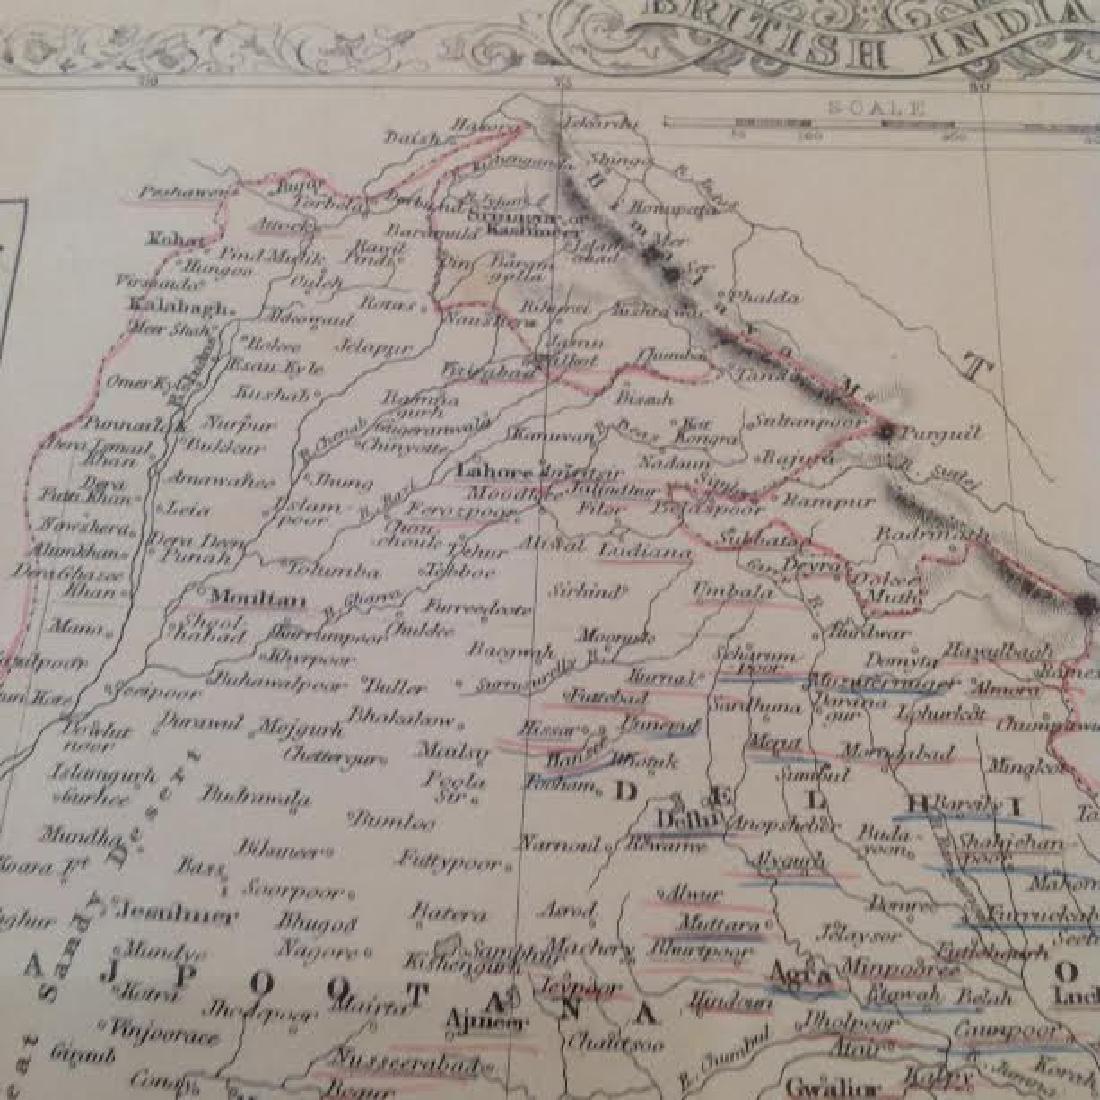 J Rapkin - Antique Map of British India - 4